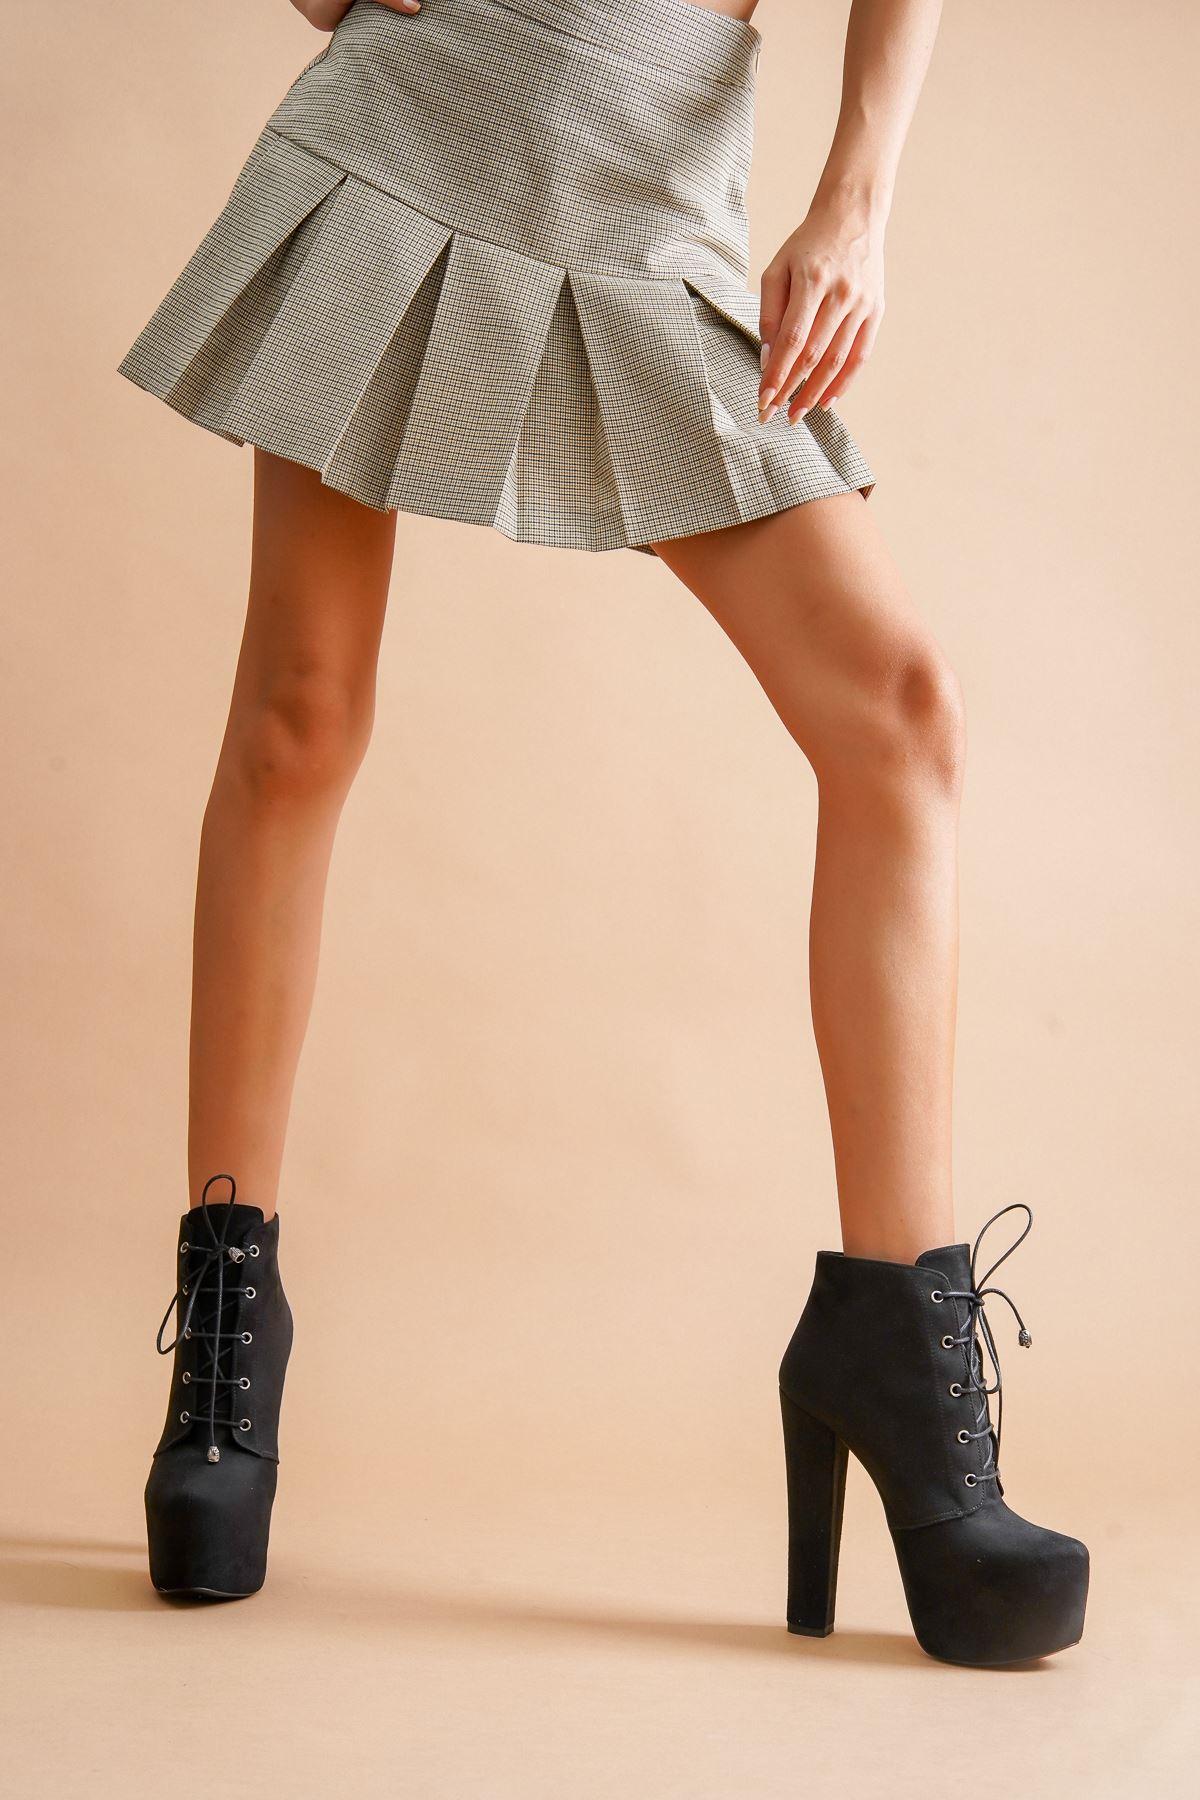 Leander Siyah Süet Bağcıklı Yüksek Topuklu Kadın Bot